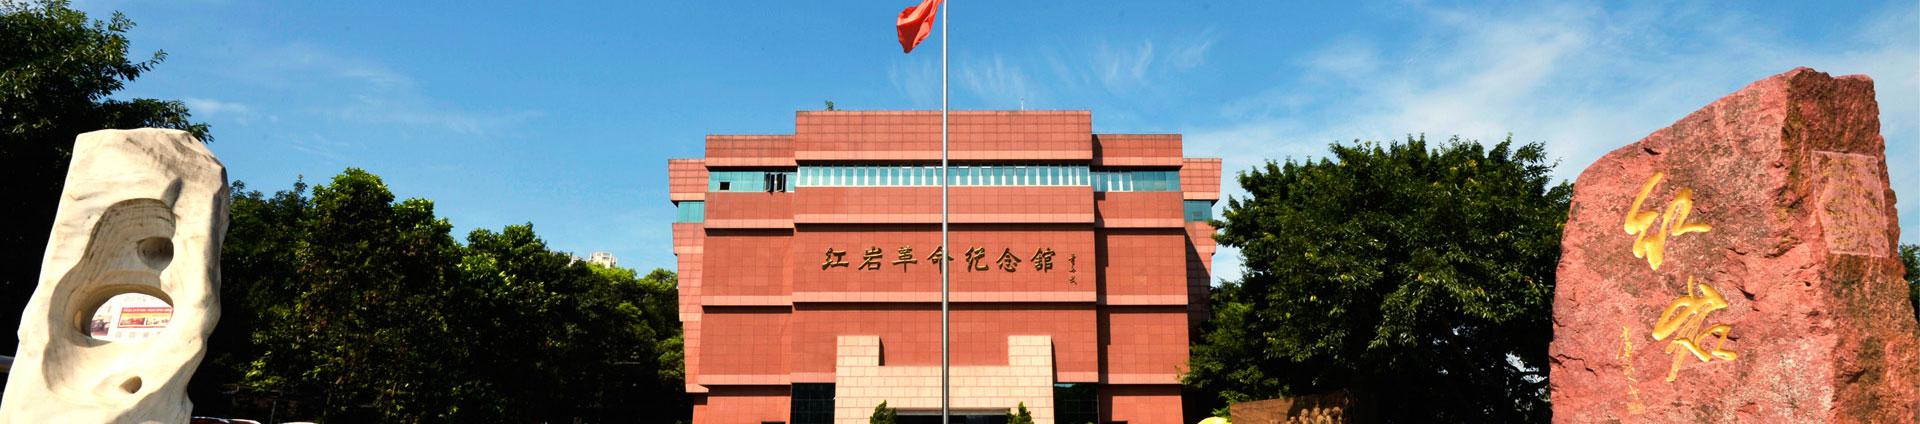 重庆红岩革命历史博物馆党性教育培训